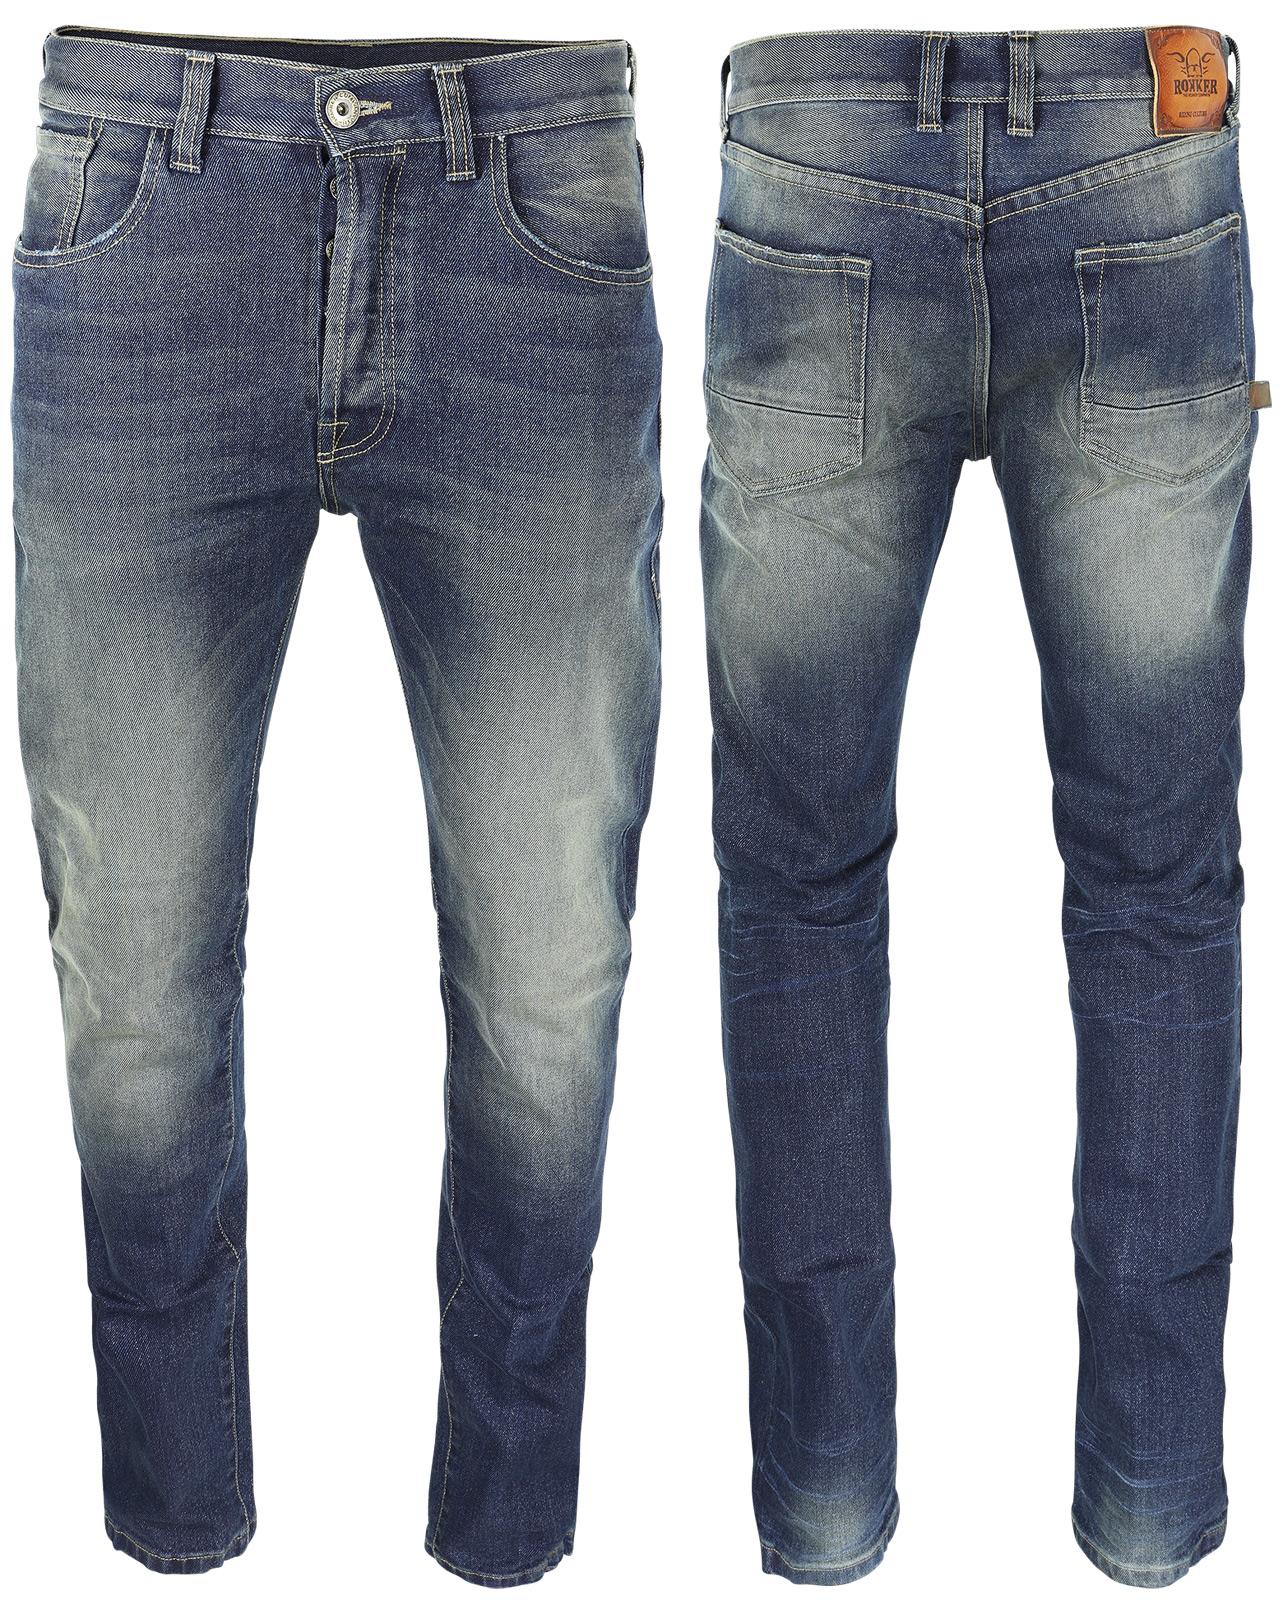 rokker rokkertech kevlar jeans slim stretch at thunderbike. Black Bedroom Furniture Sets. Home Design Ideas